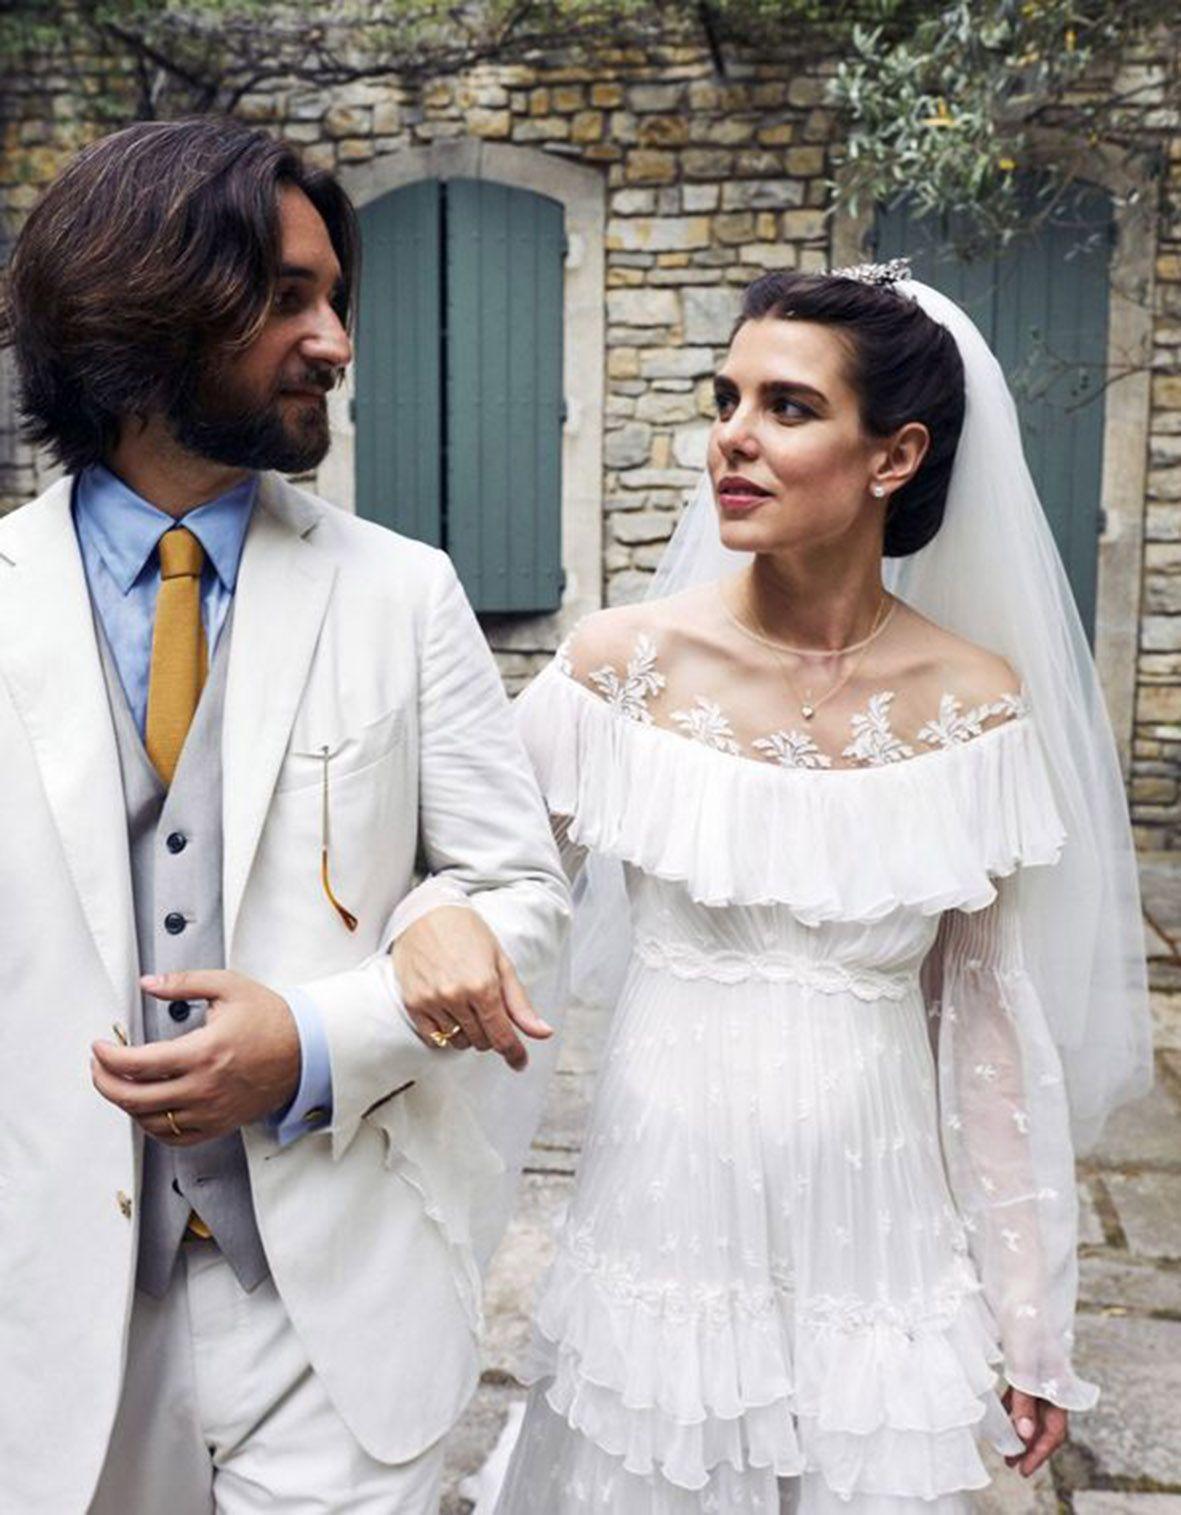 Charlotte Casiraghi e Dimitri Rassam, seconde nozze per la coppia